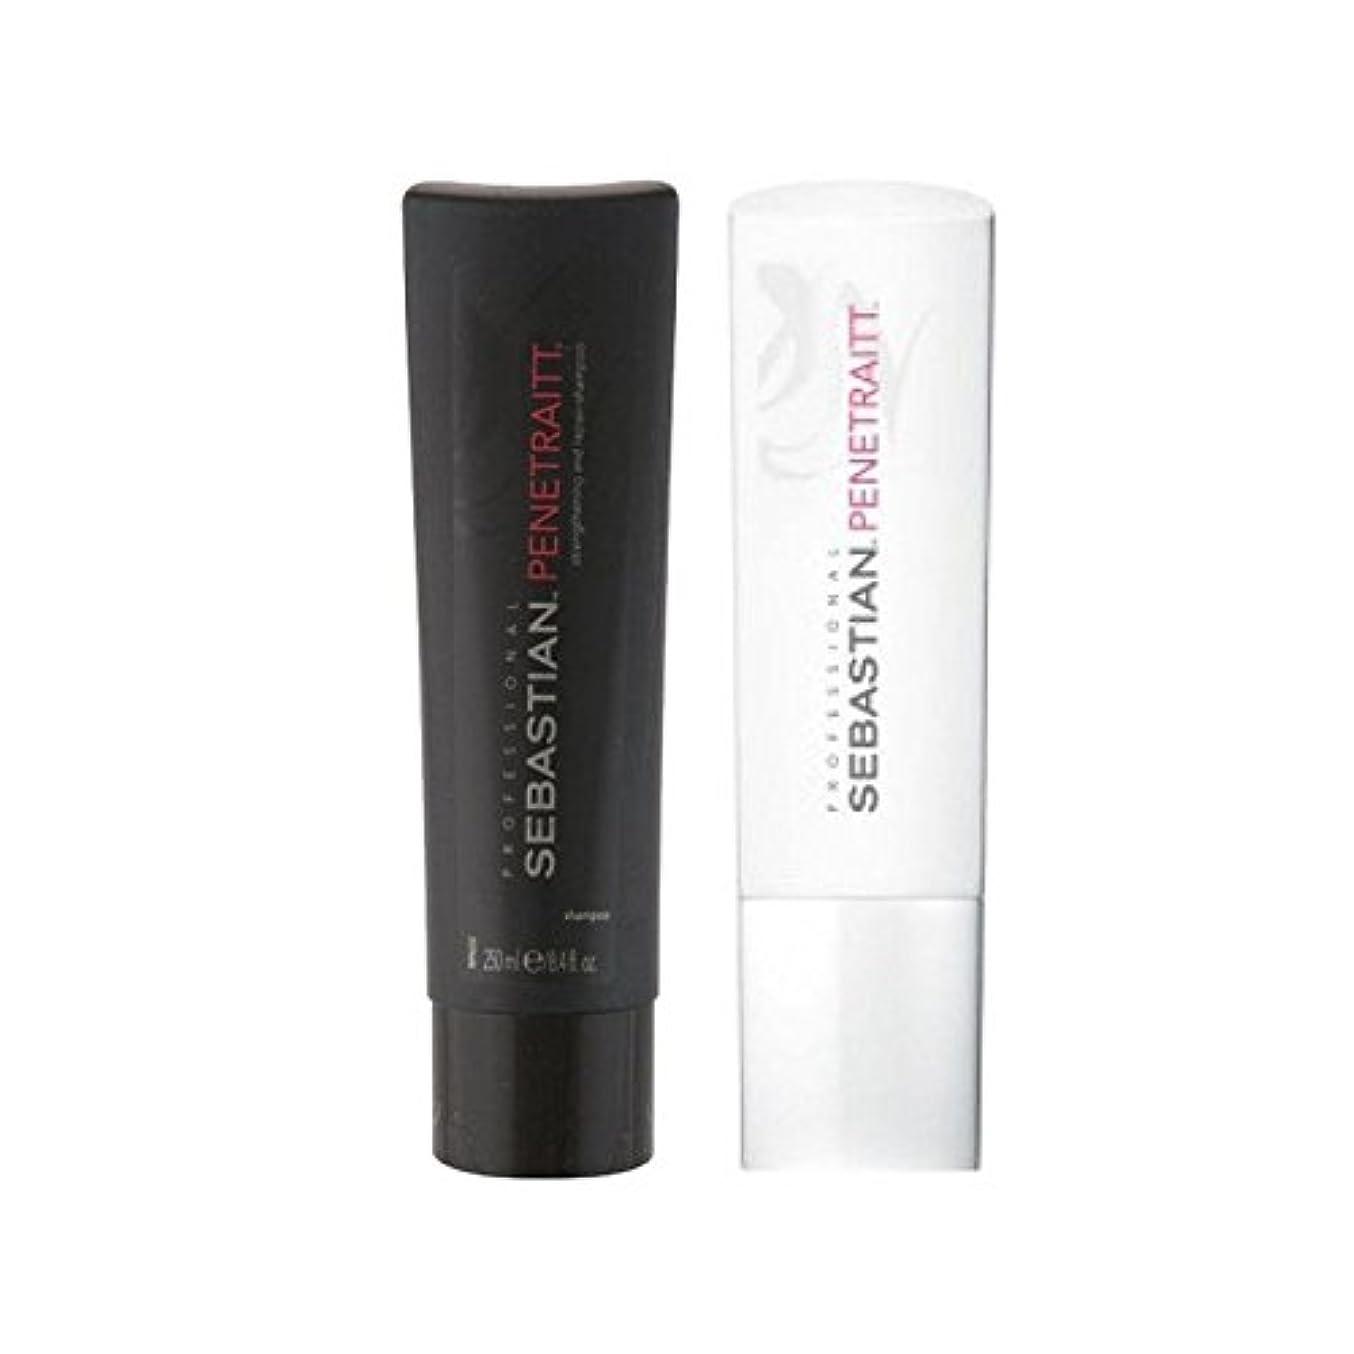 召集する十億スナップセバスチャンプロデュオ - シャンプー&コンディショナー x2 - Sebastian Professional Penetraitt Duo - Shampoo & Conditioner (Pack of 2) [並行輸入品]